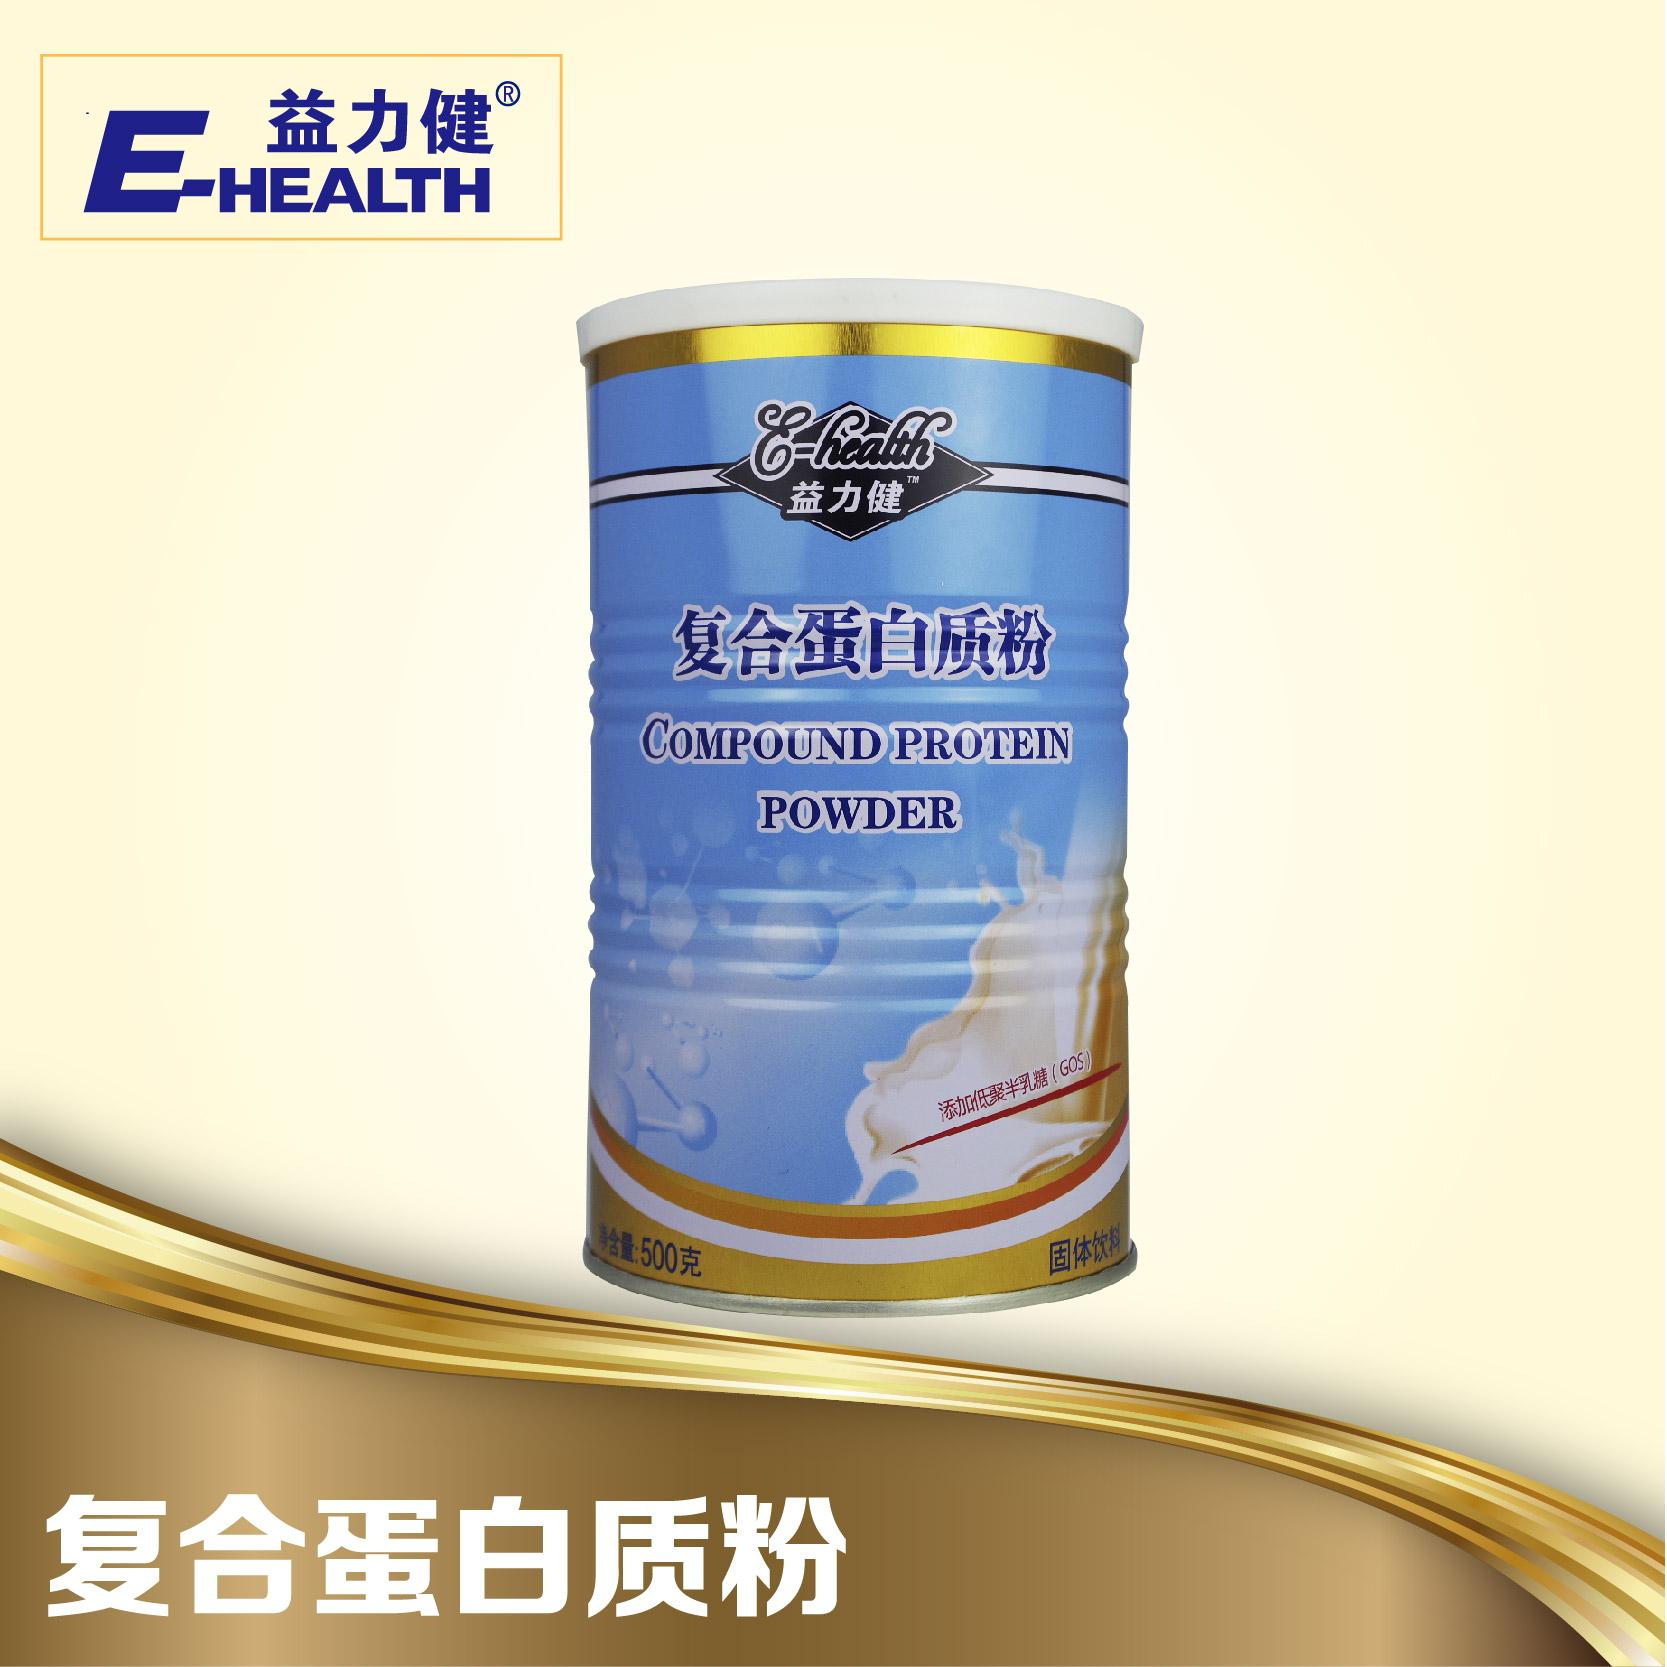 新品益力健复合蛋白质粉